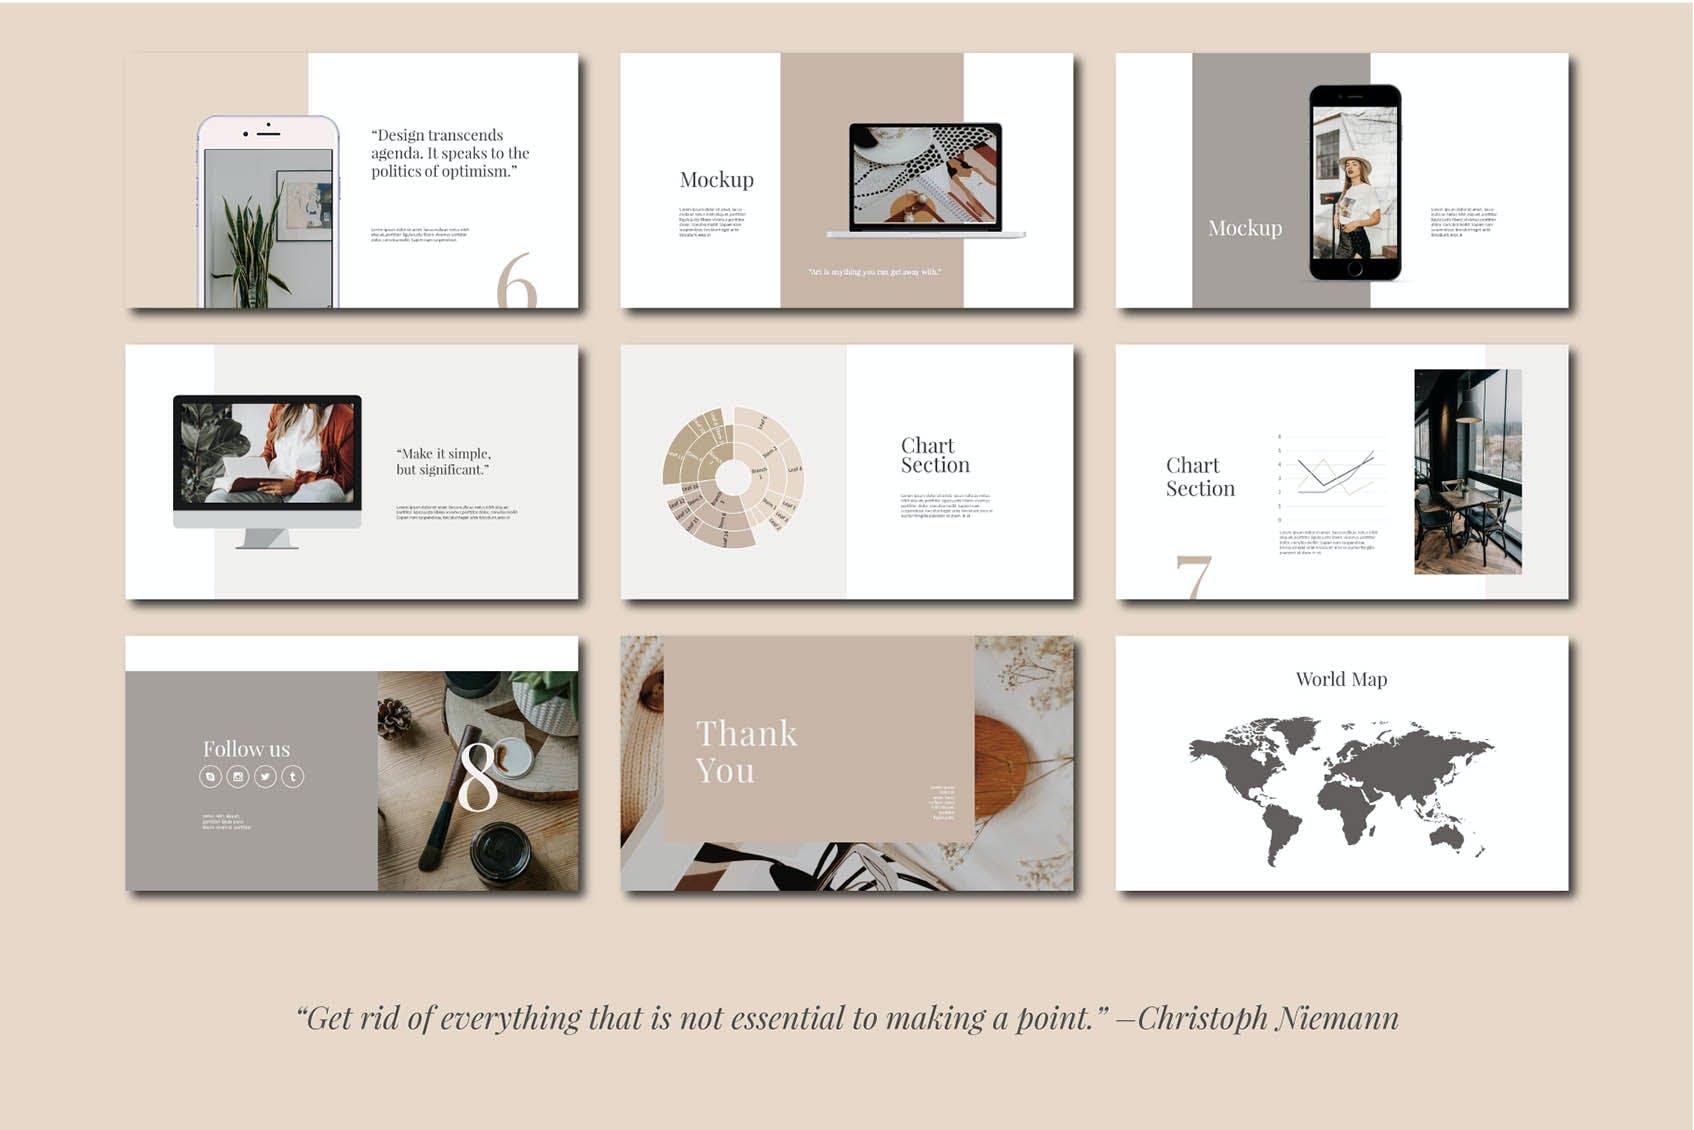 时尚简约摄影作品集图文排版设计演示文稿模板 Audrey – Powerpoint Template插图(6)